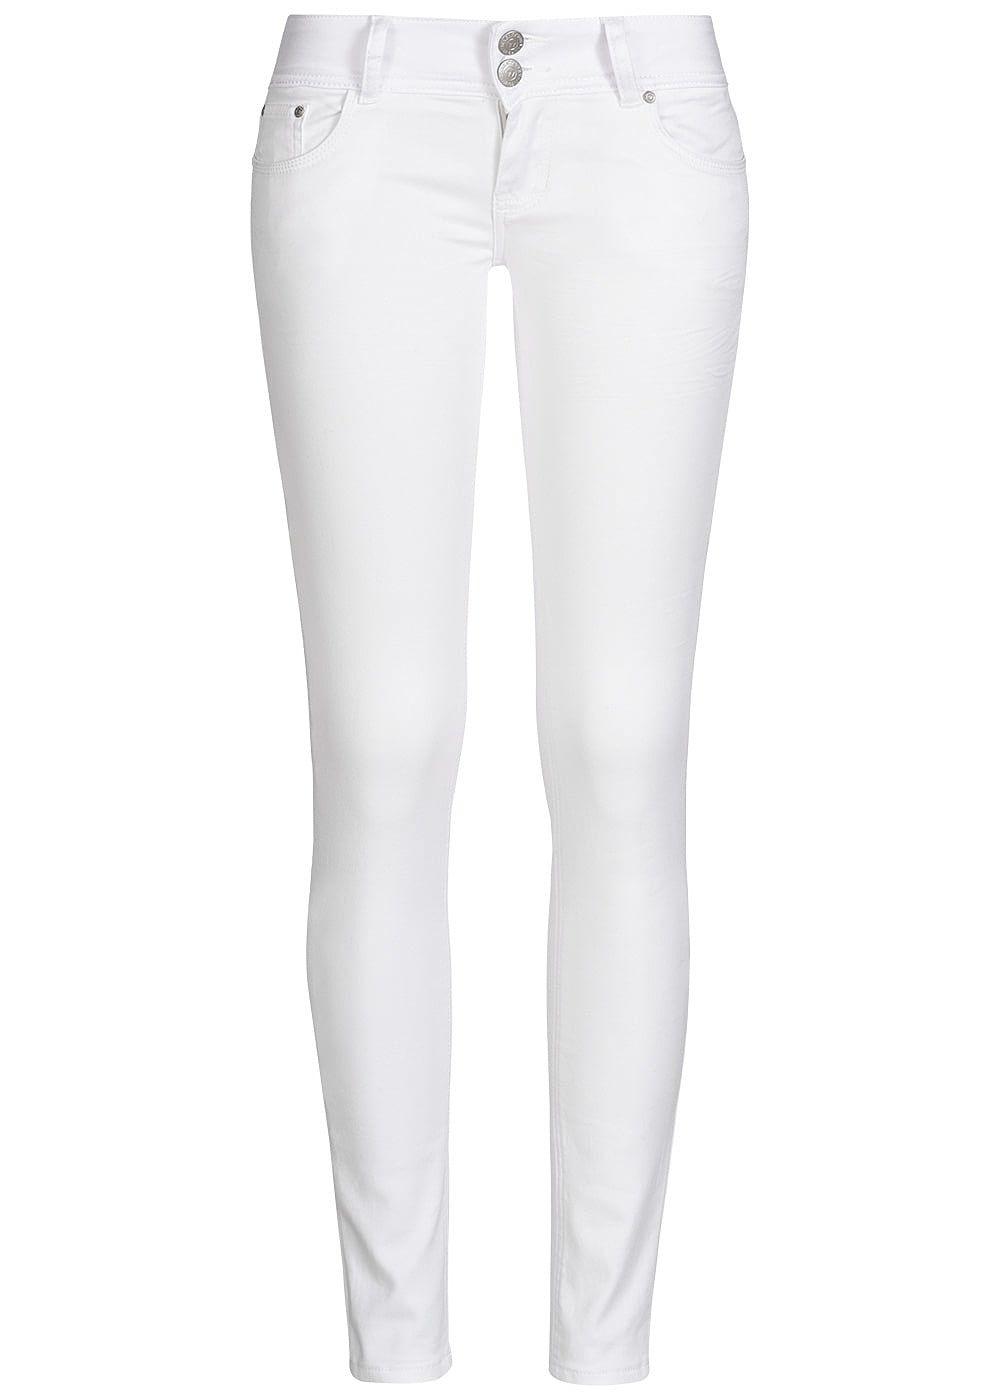 seventyseven lifestyle damen skinny jeans hose 5 pockets. Black Bedroom Furniture Sets. Home Design Ideas